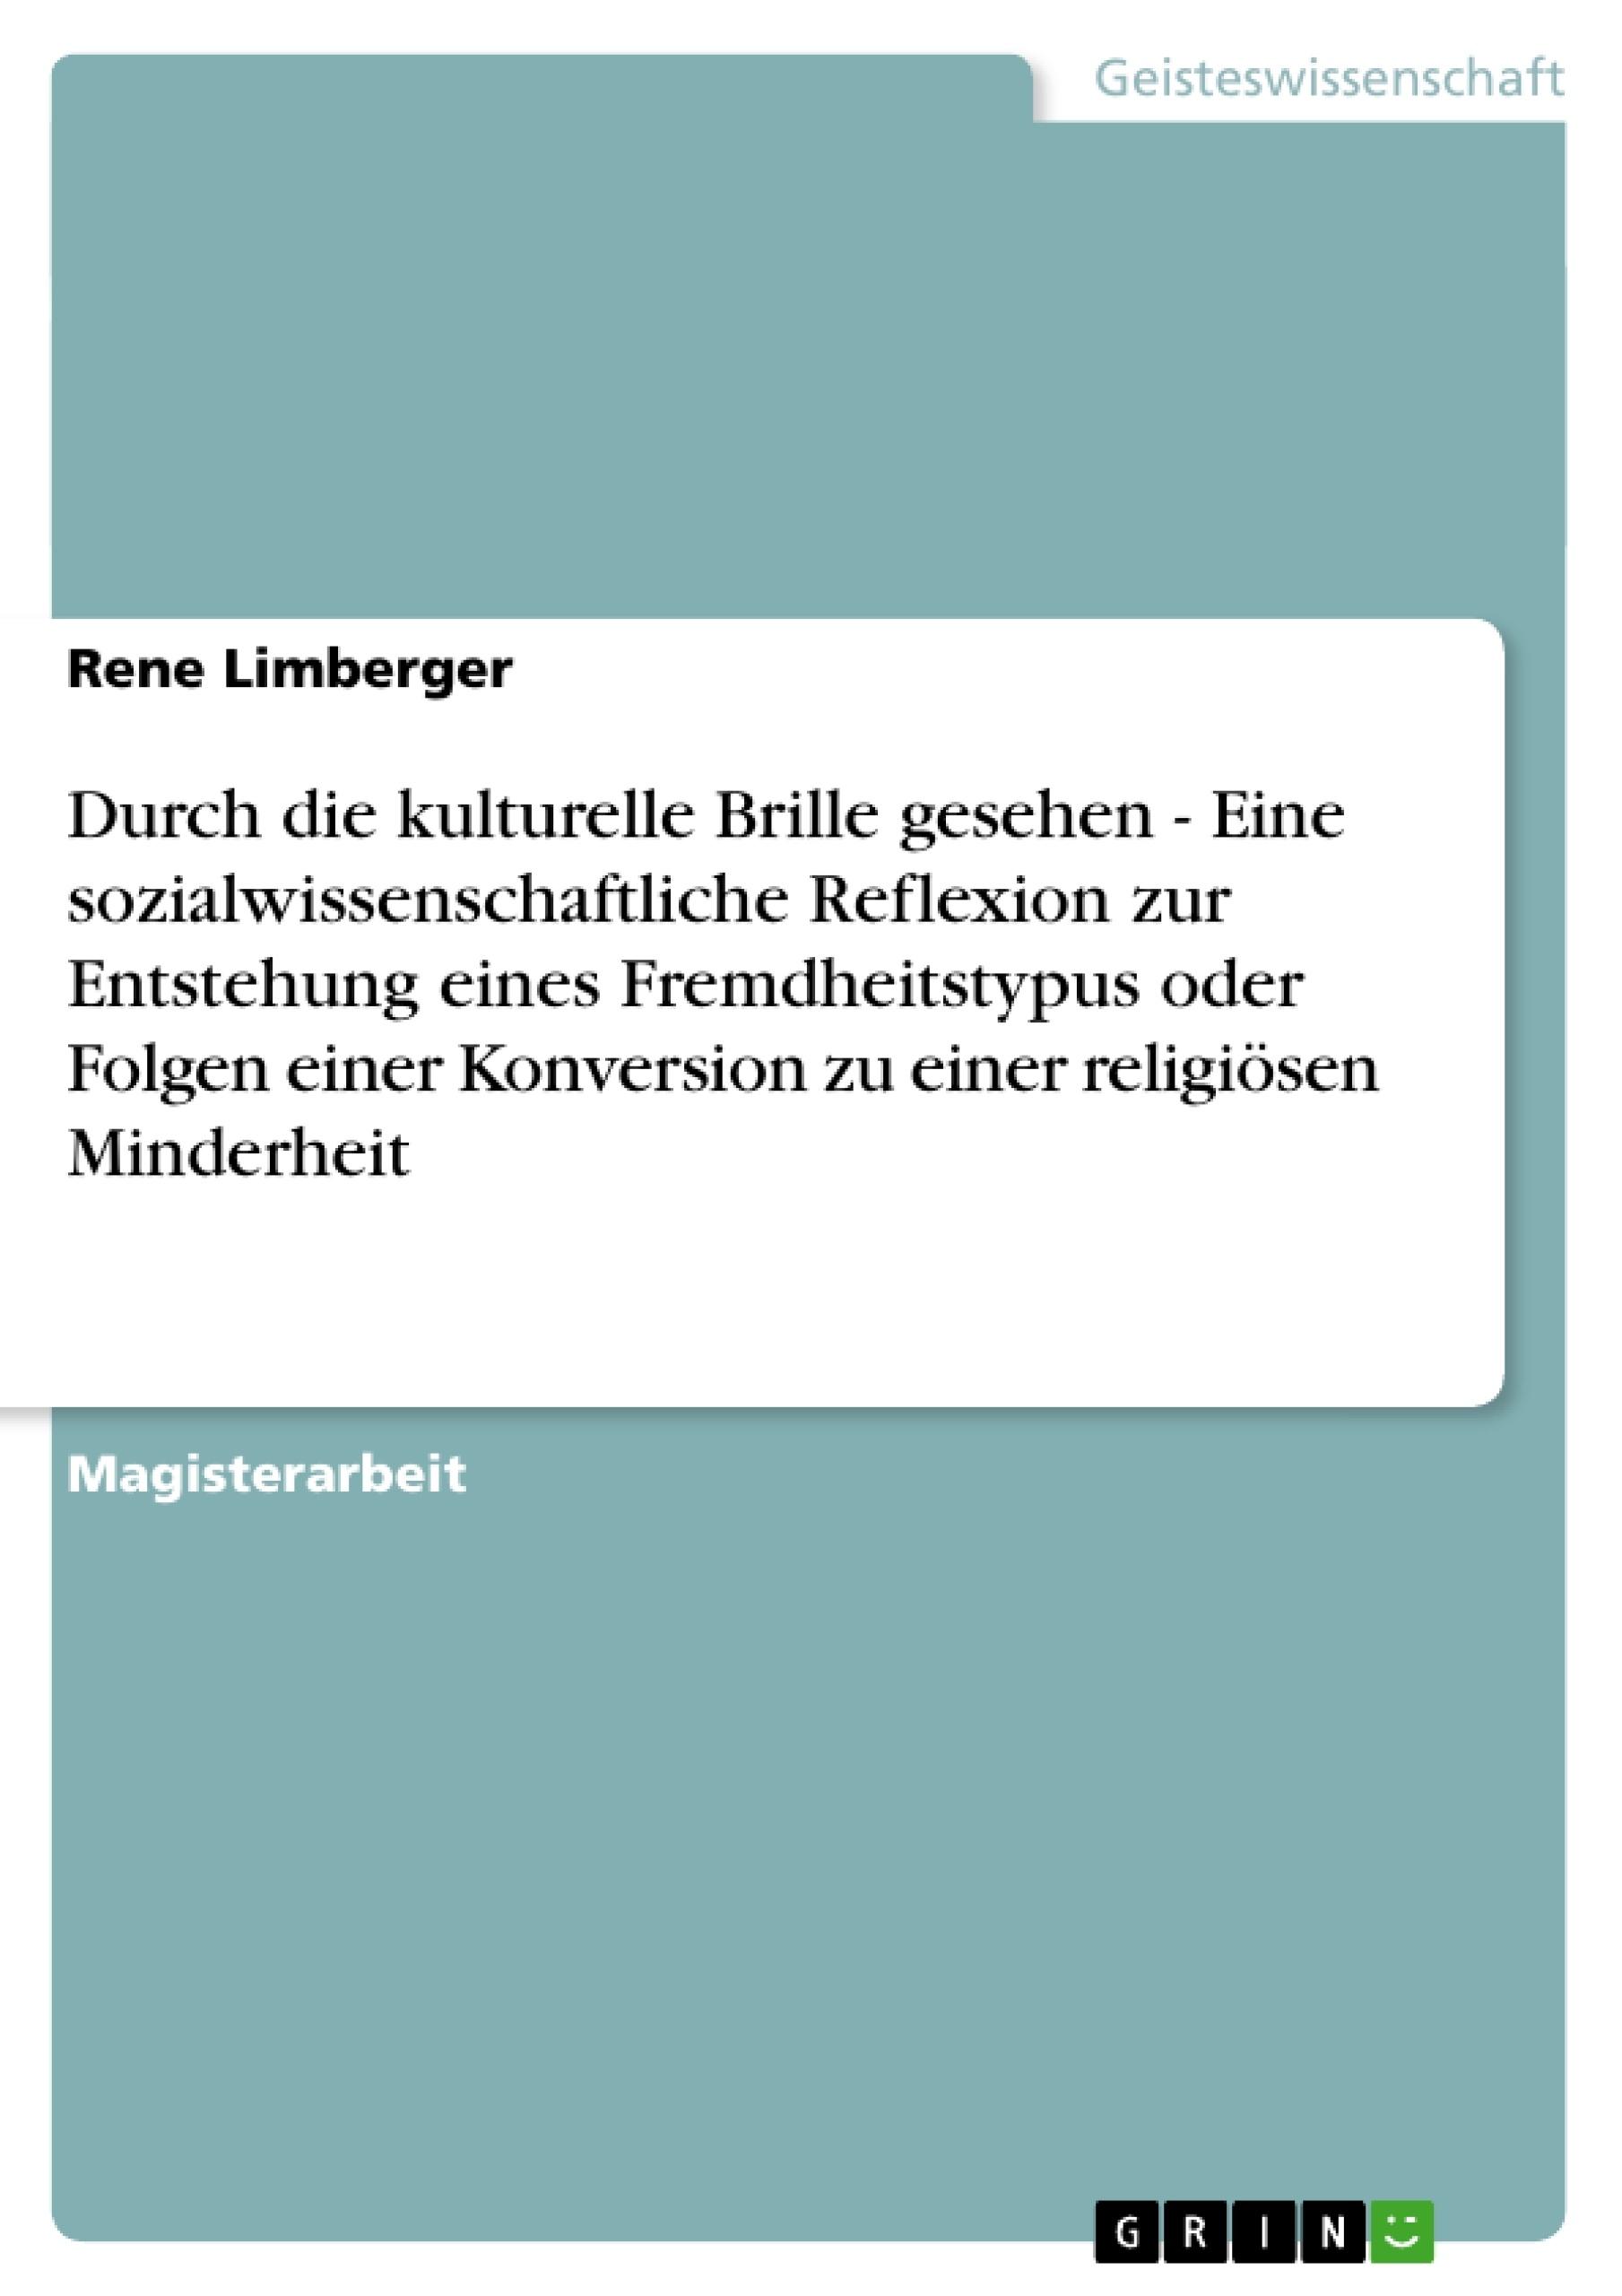 Titel: Durch die kulturelle Brille gesehen - Eine sozialwissenschaftliche Reflexion zur Entstehung eines Fremdheitstypus oder Folgen einer Konversion zu einer religiösen Minderheit